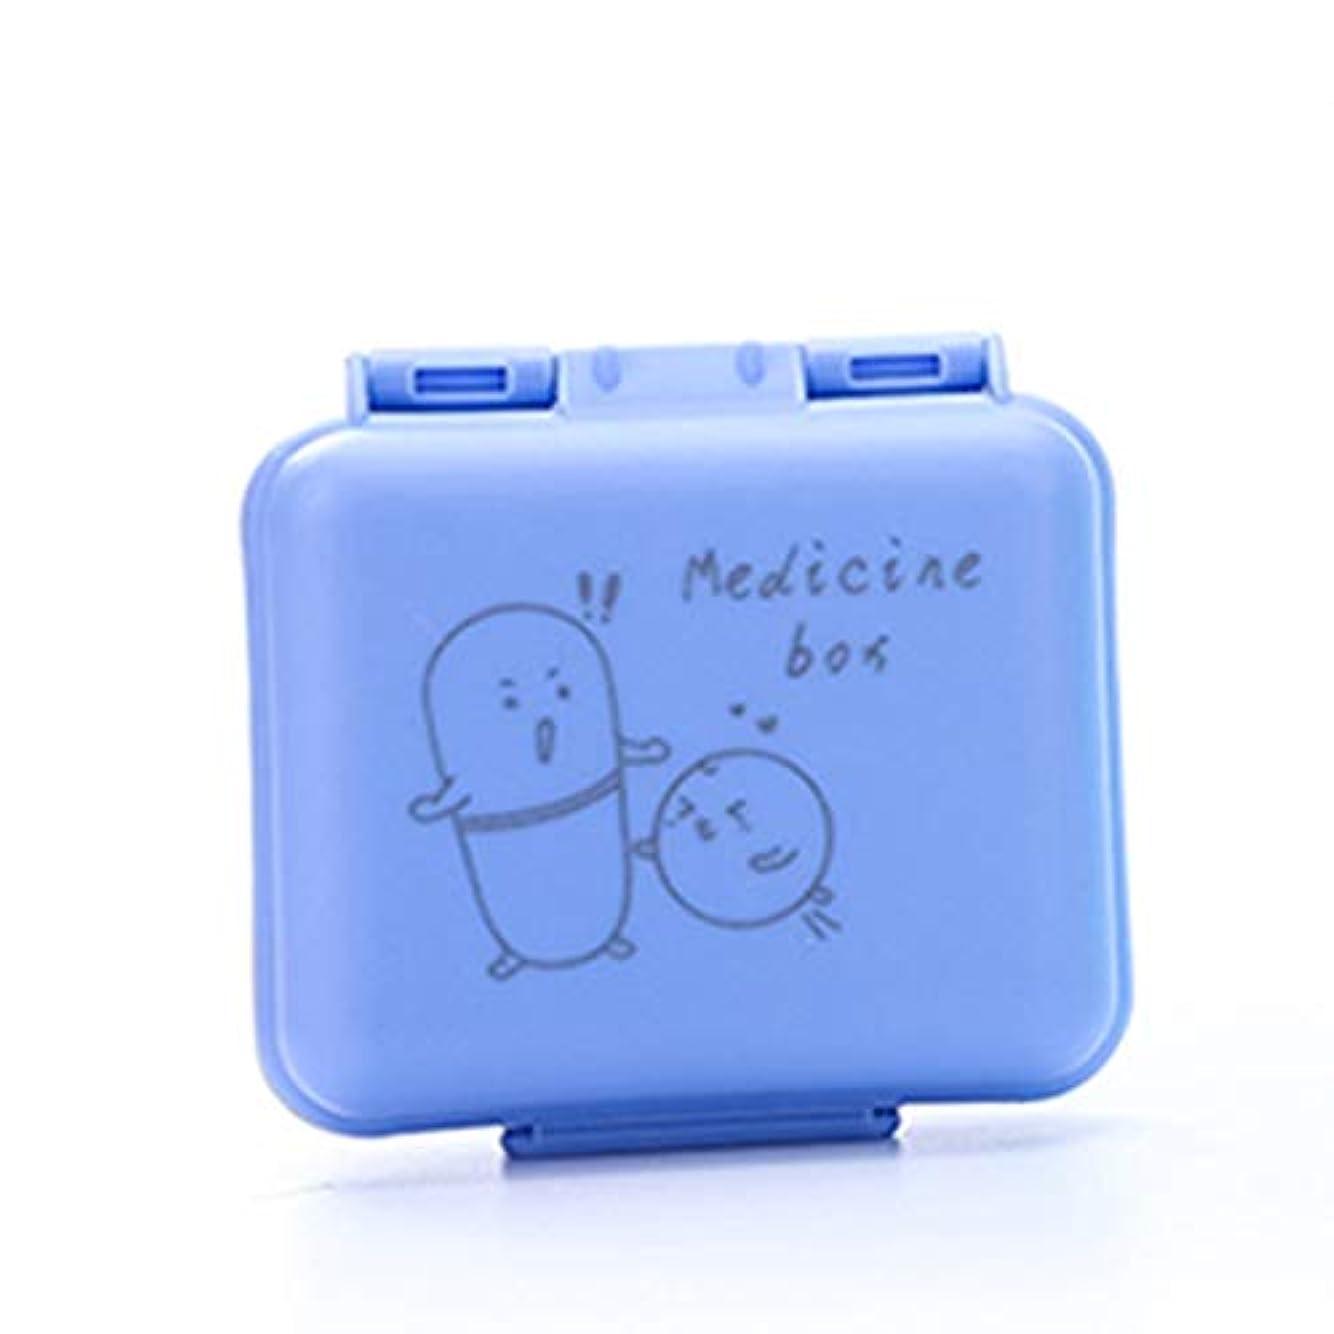 自殺引き出す赤字ポータブルトラベルピルボックス1週間ポータブルミニピル薬箱いっぱい丸薬小さな調剤箱ピルボックス 薬箱 (Color : Blue, Size : 7.2cm×7.6cm×3cm)